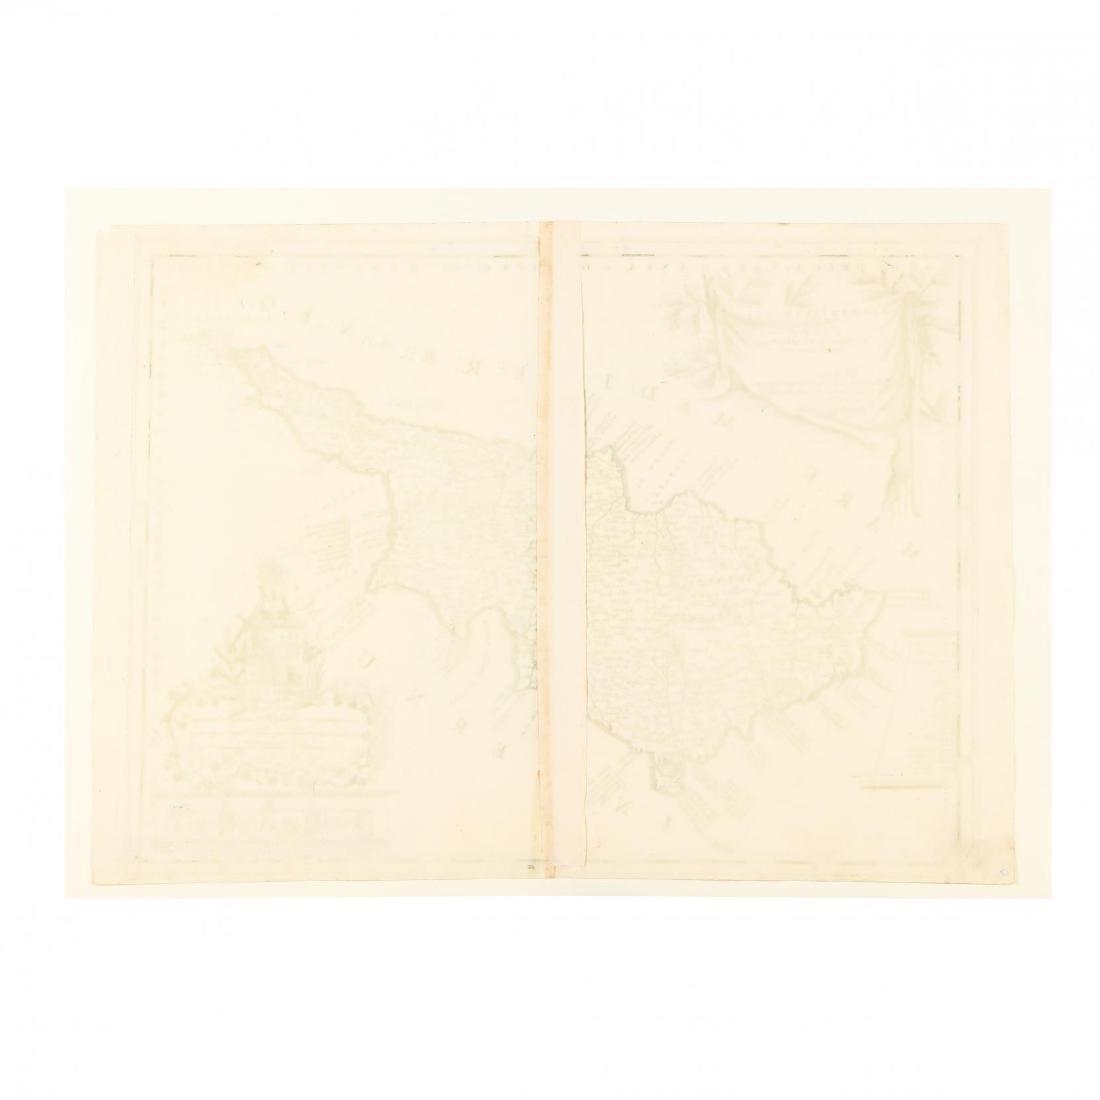 Coronelli, Vincenze Maria.  Acamantis Insula hoggidi - 3